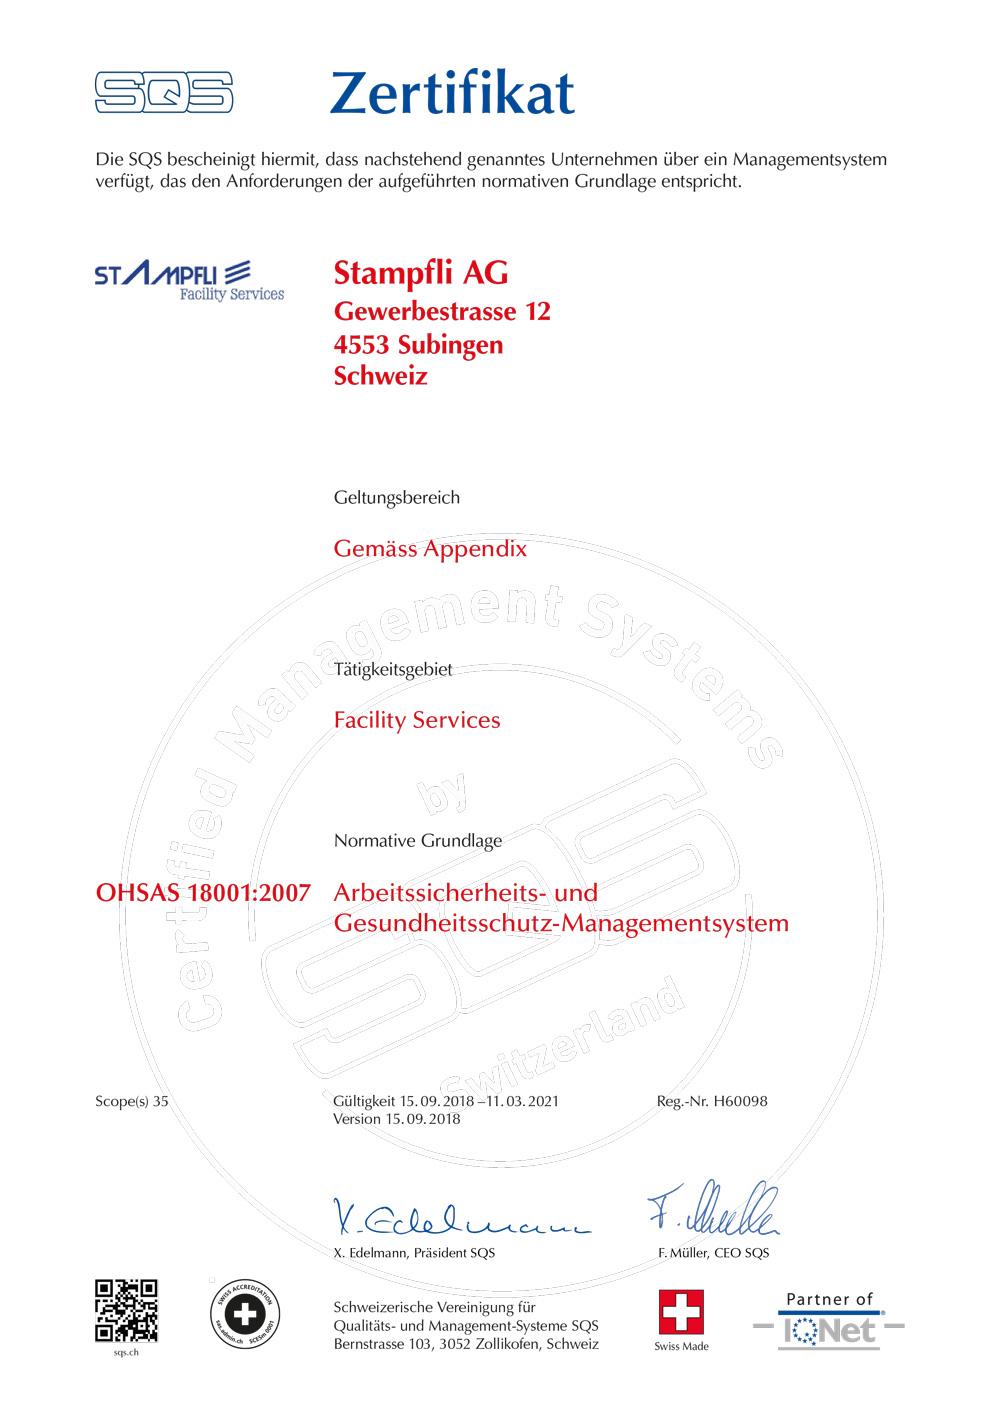 ISO_Zertifikat_DE_18001_2018_2021